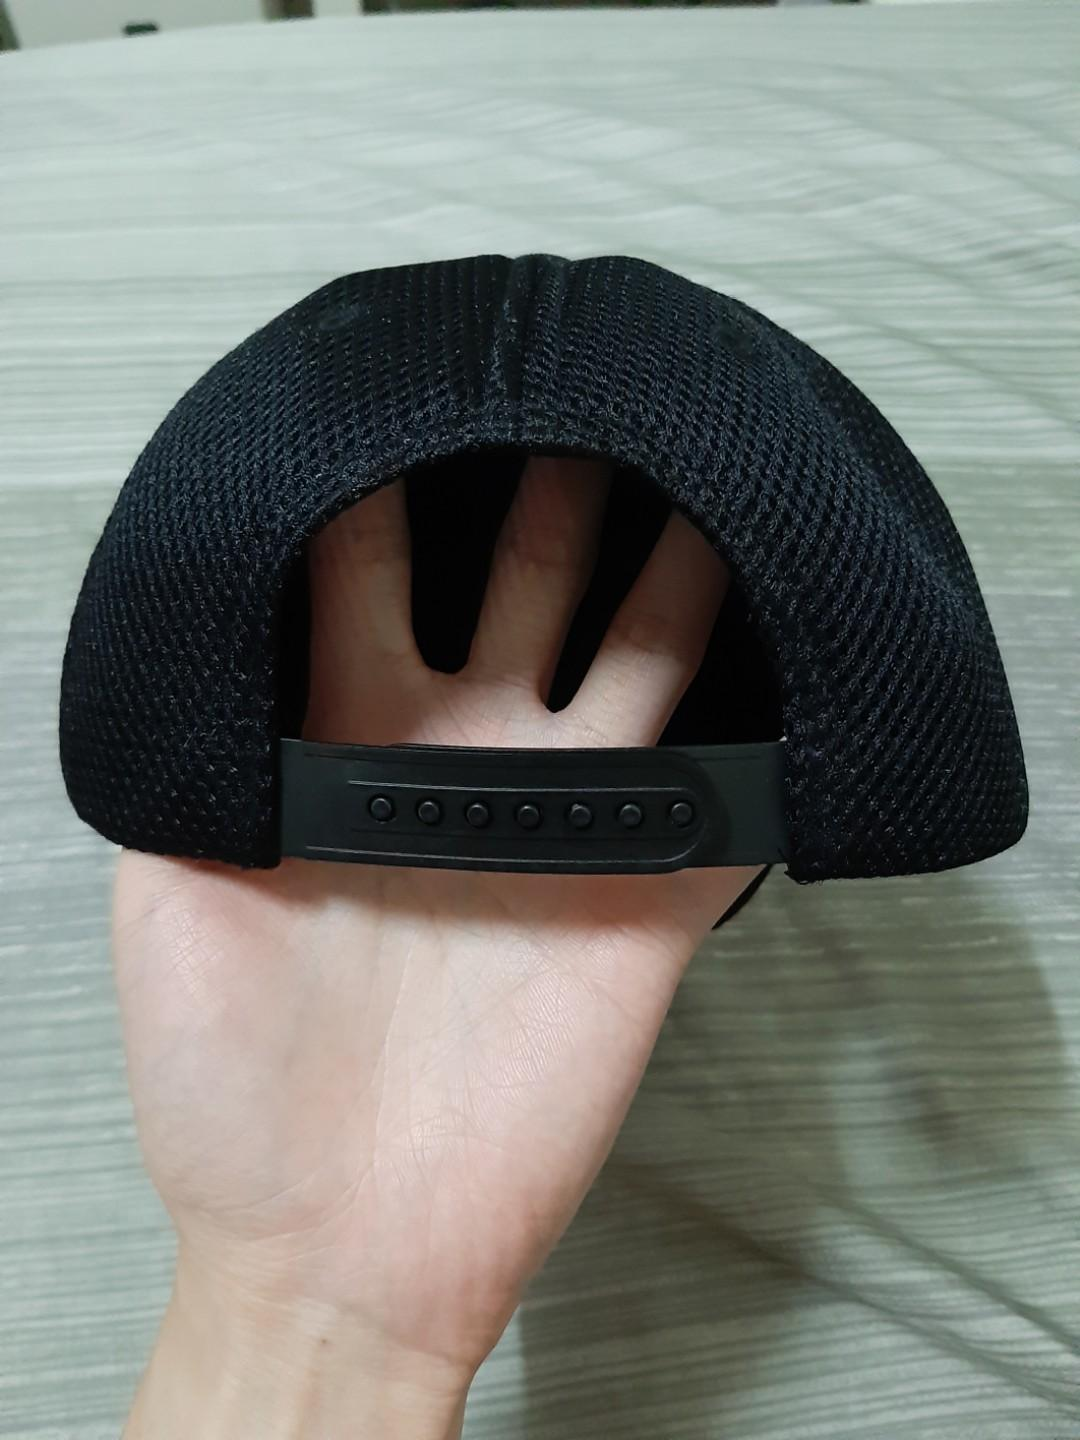 (已匯款待買家收件)真品,超新的Y-3棒球帽